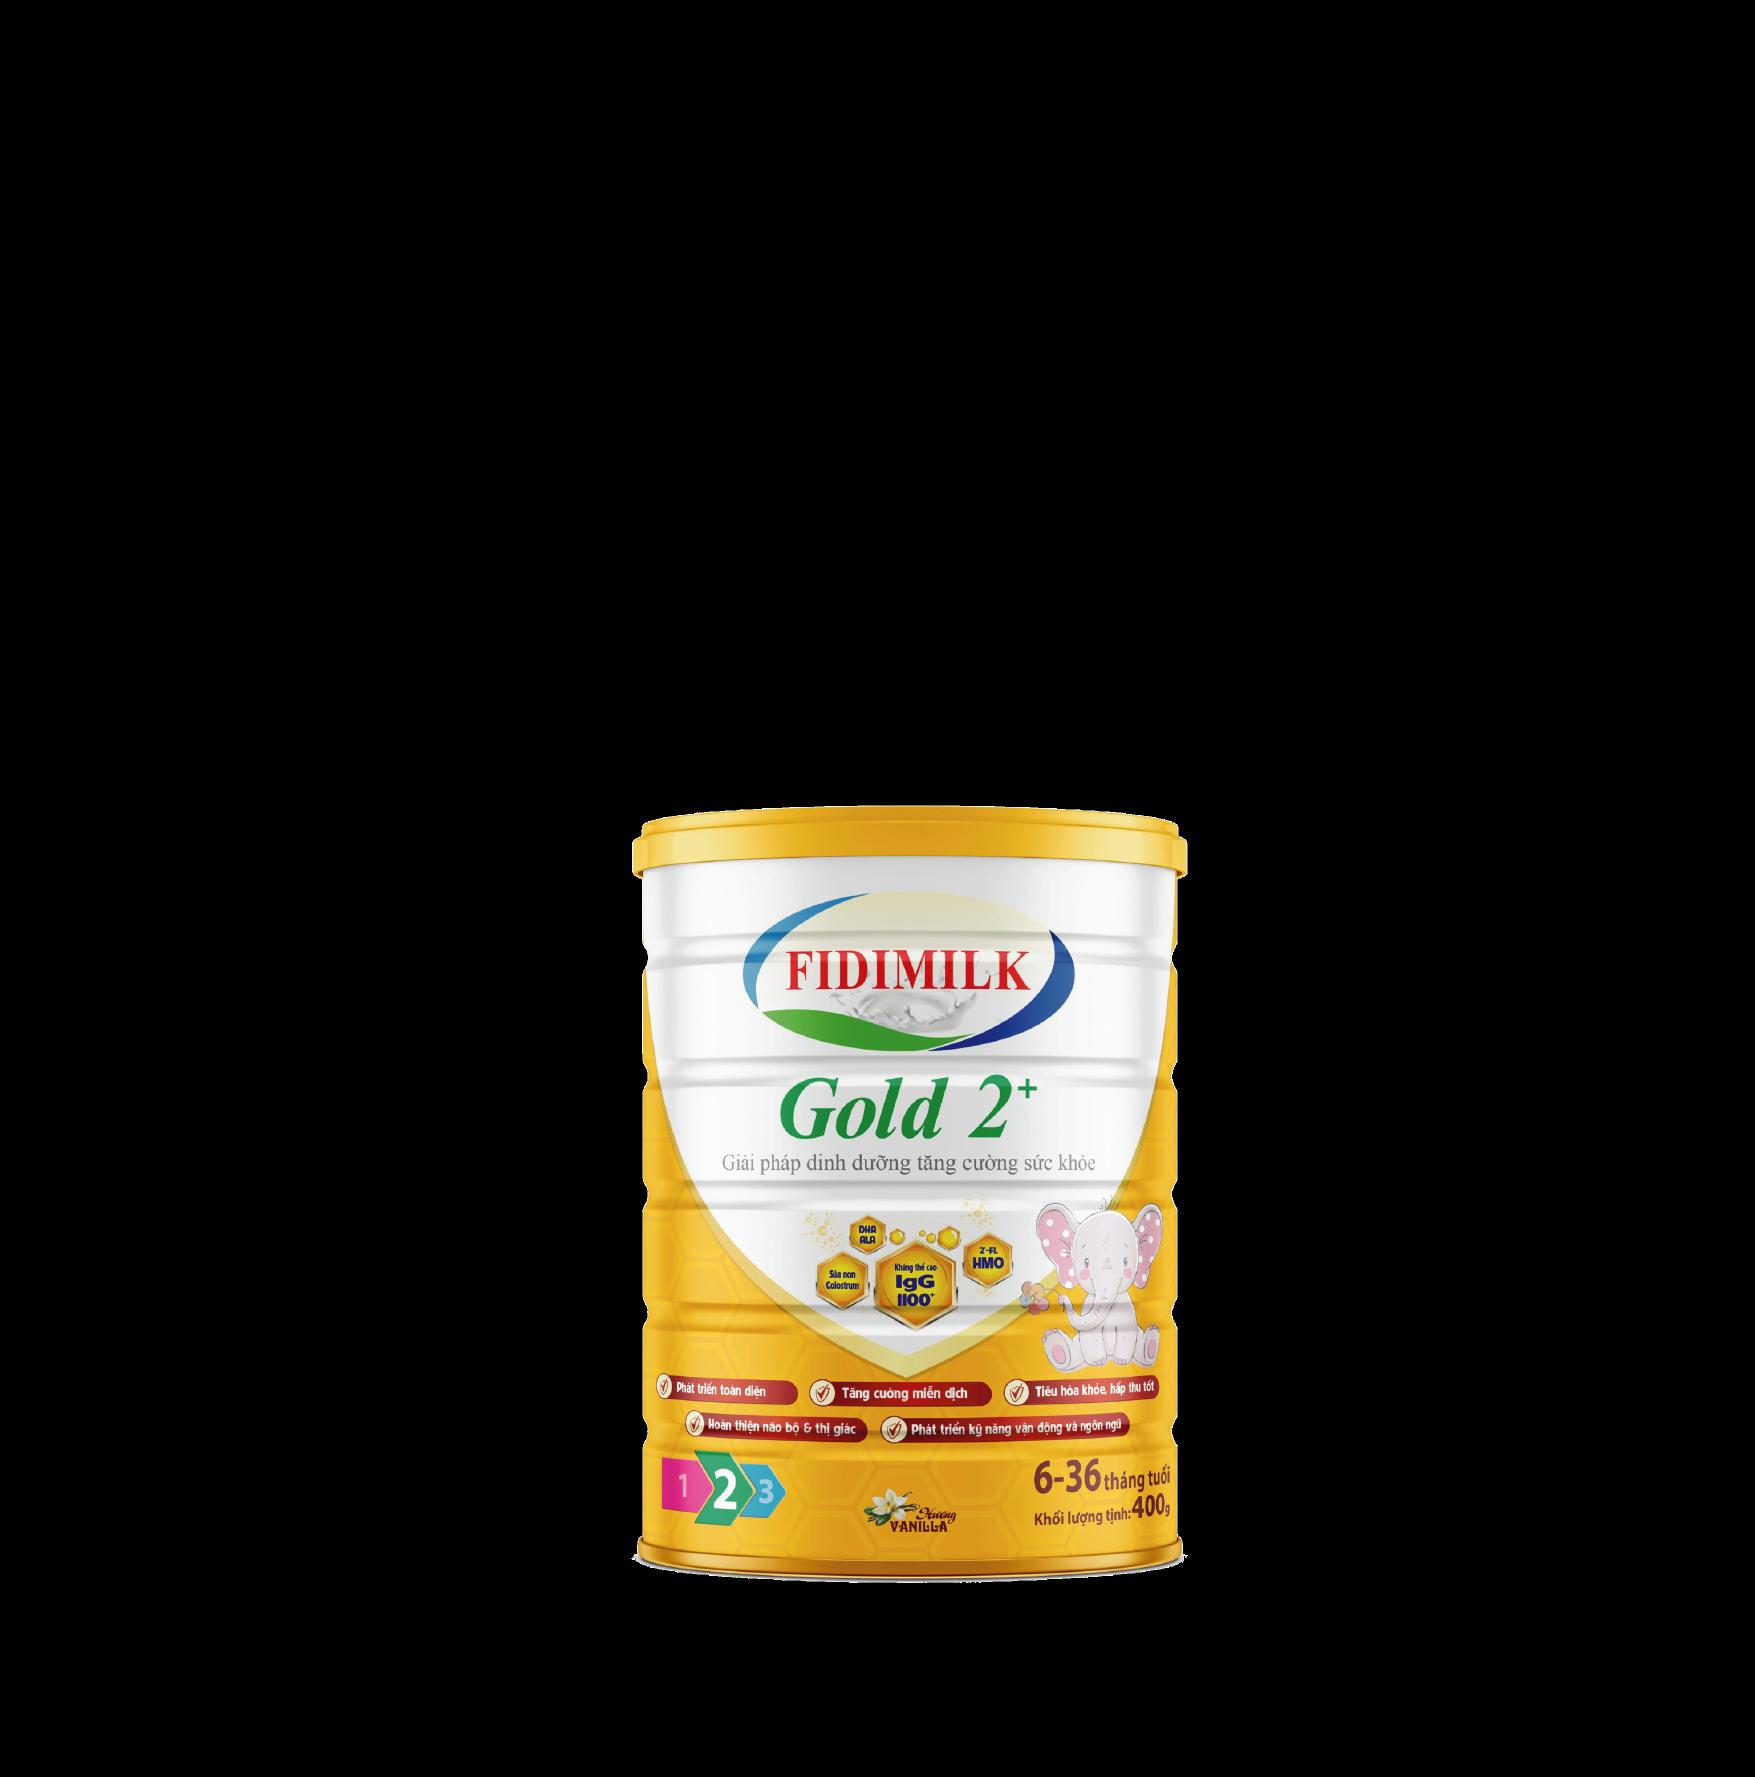 SỮA BỘT FIDIMILK GOLD 2+ 400G